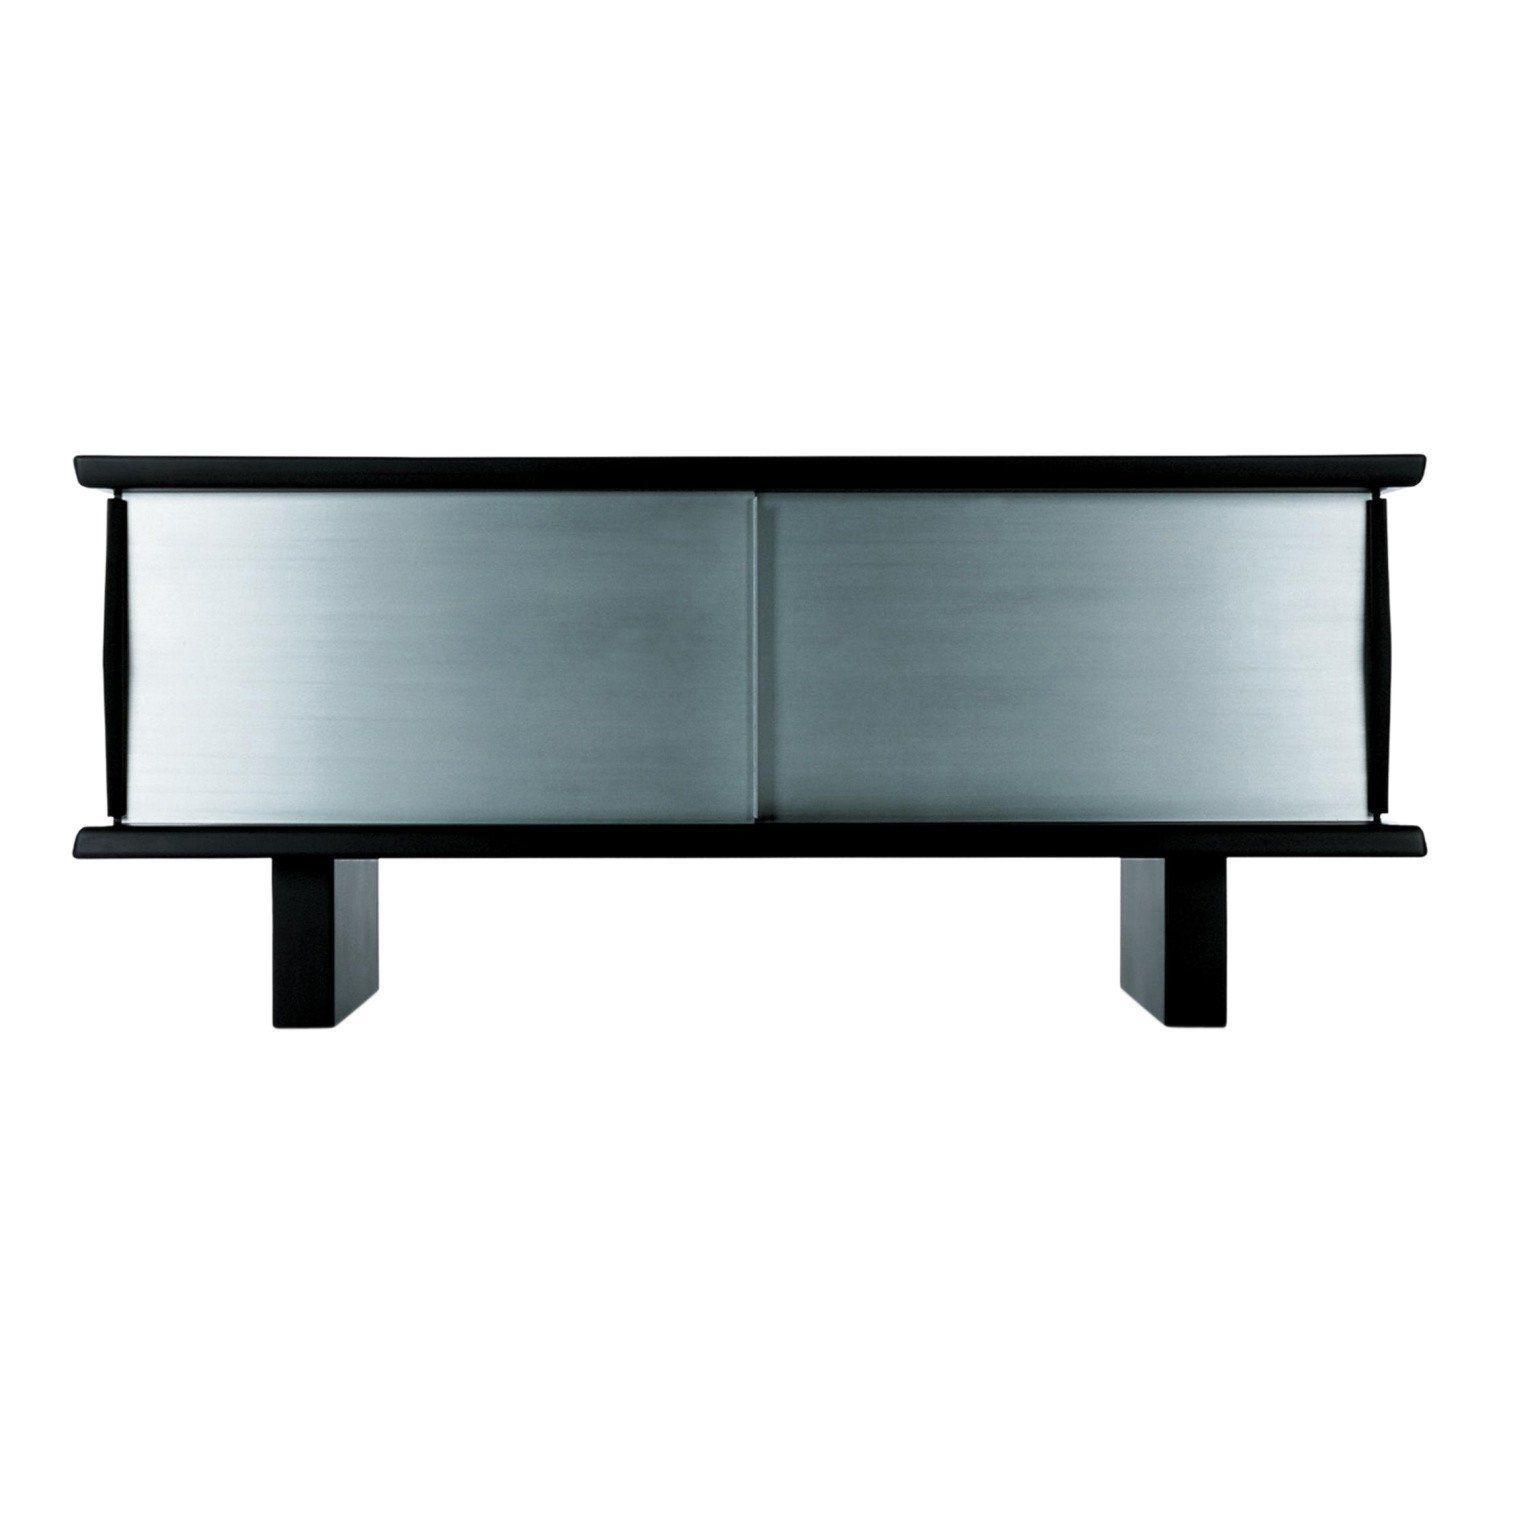 Genial Sideboard Mit Füßen Sammlung Von Cassina - 513 Riflesso - Schwarz/bordeaux/aluminium/mit Hohen